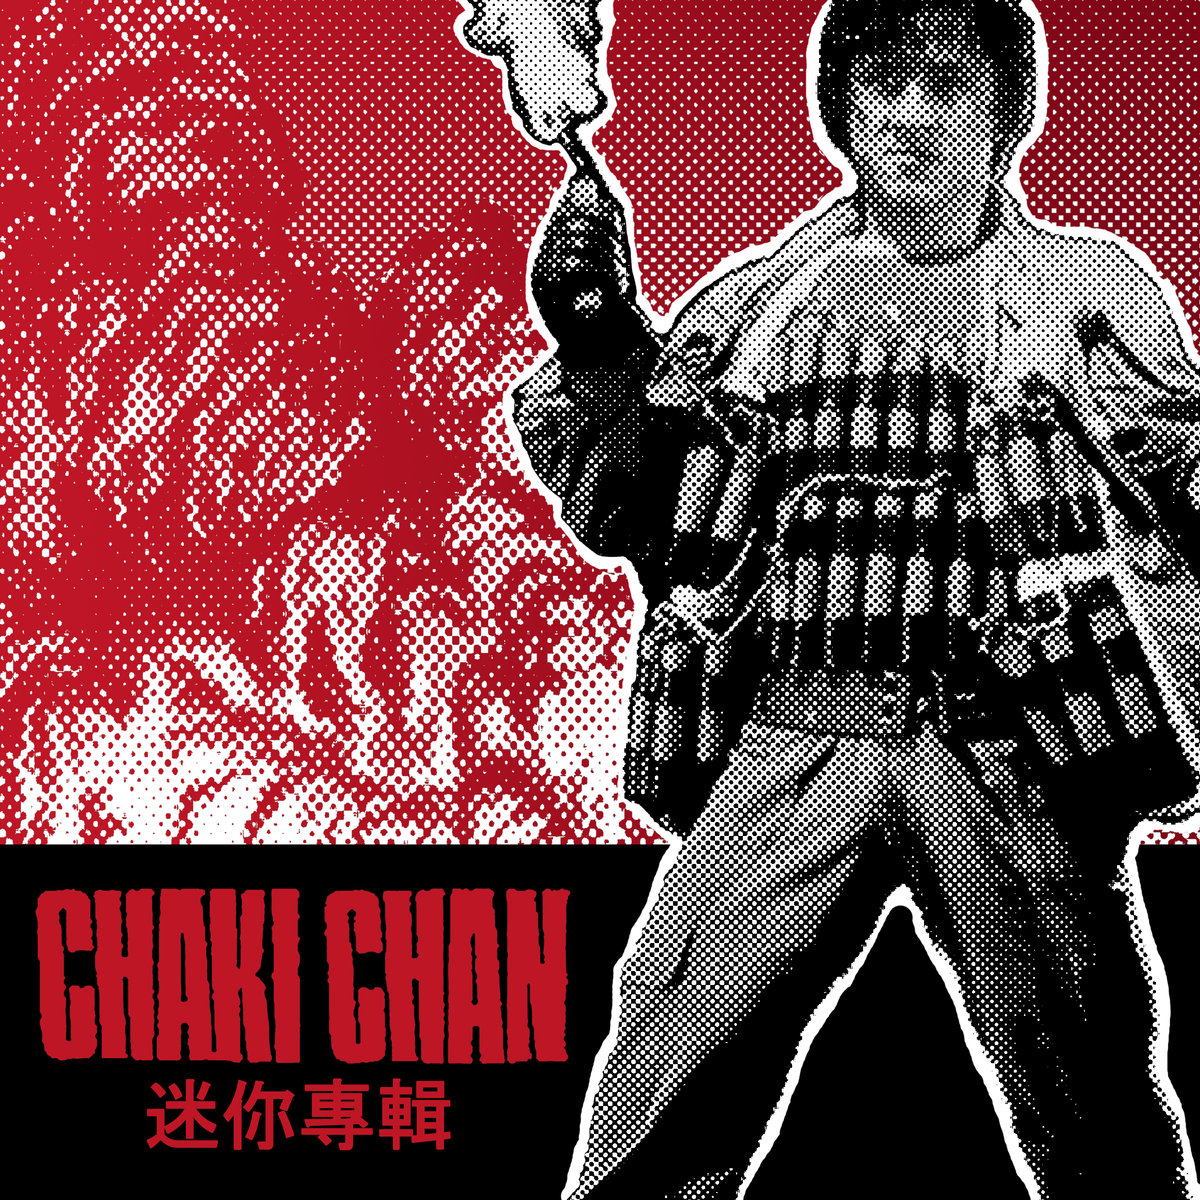 Chaki Chan